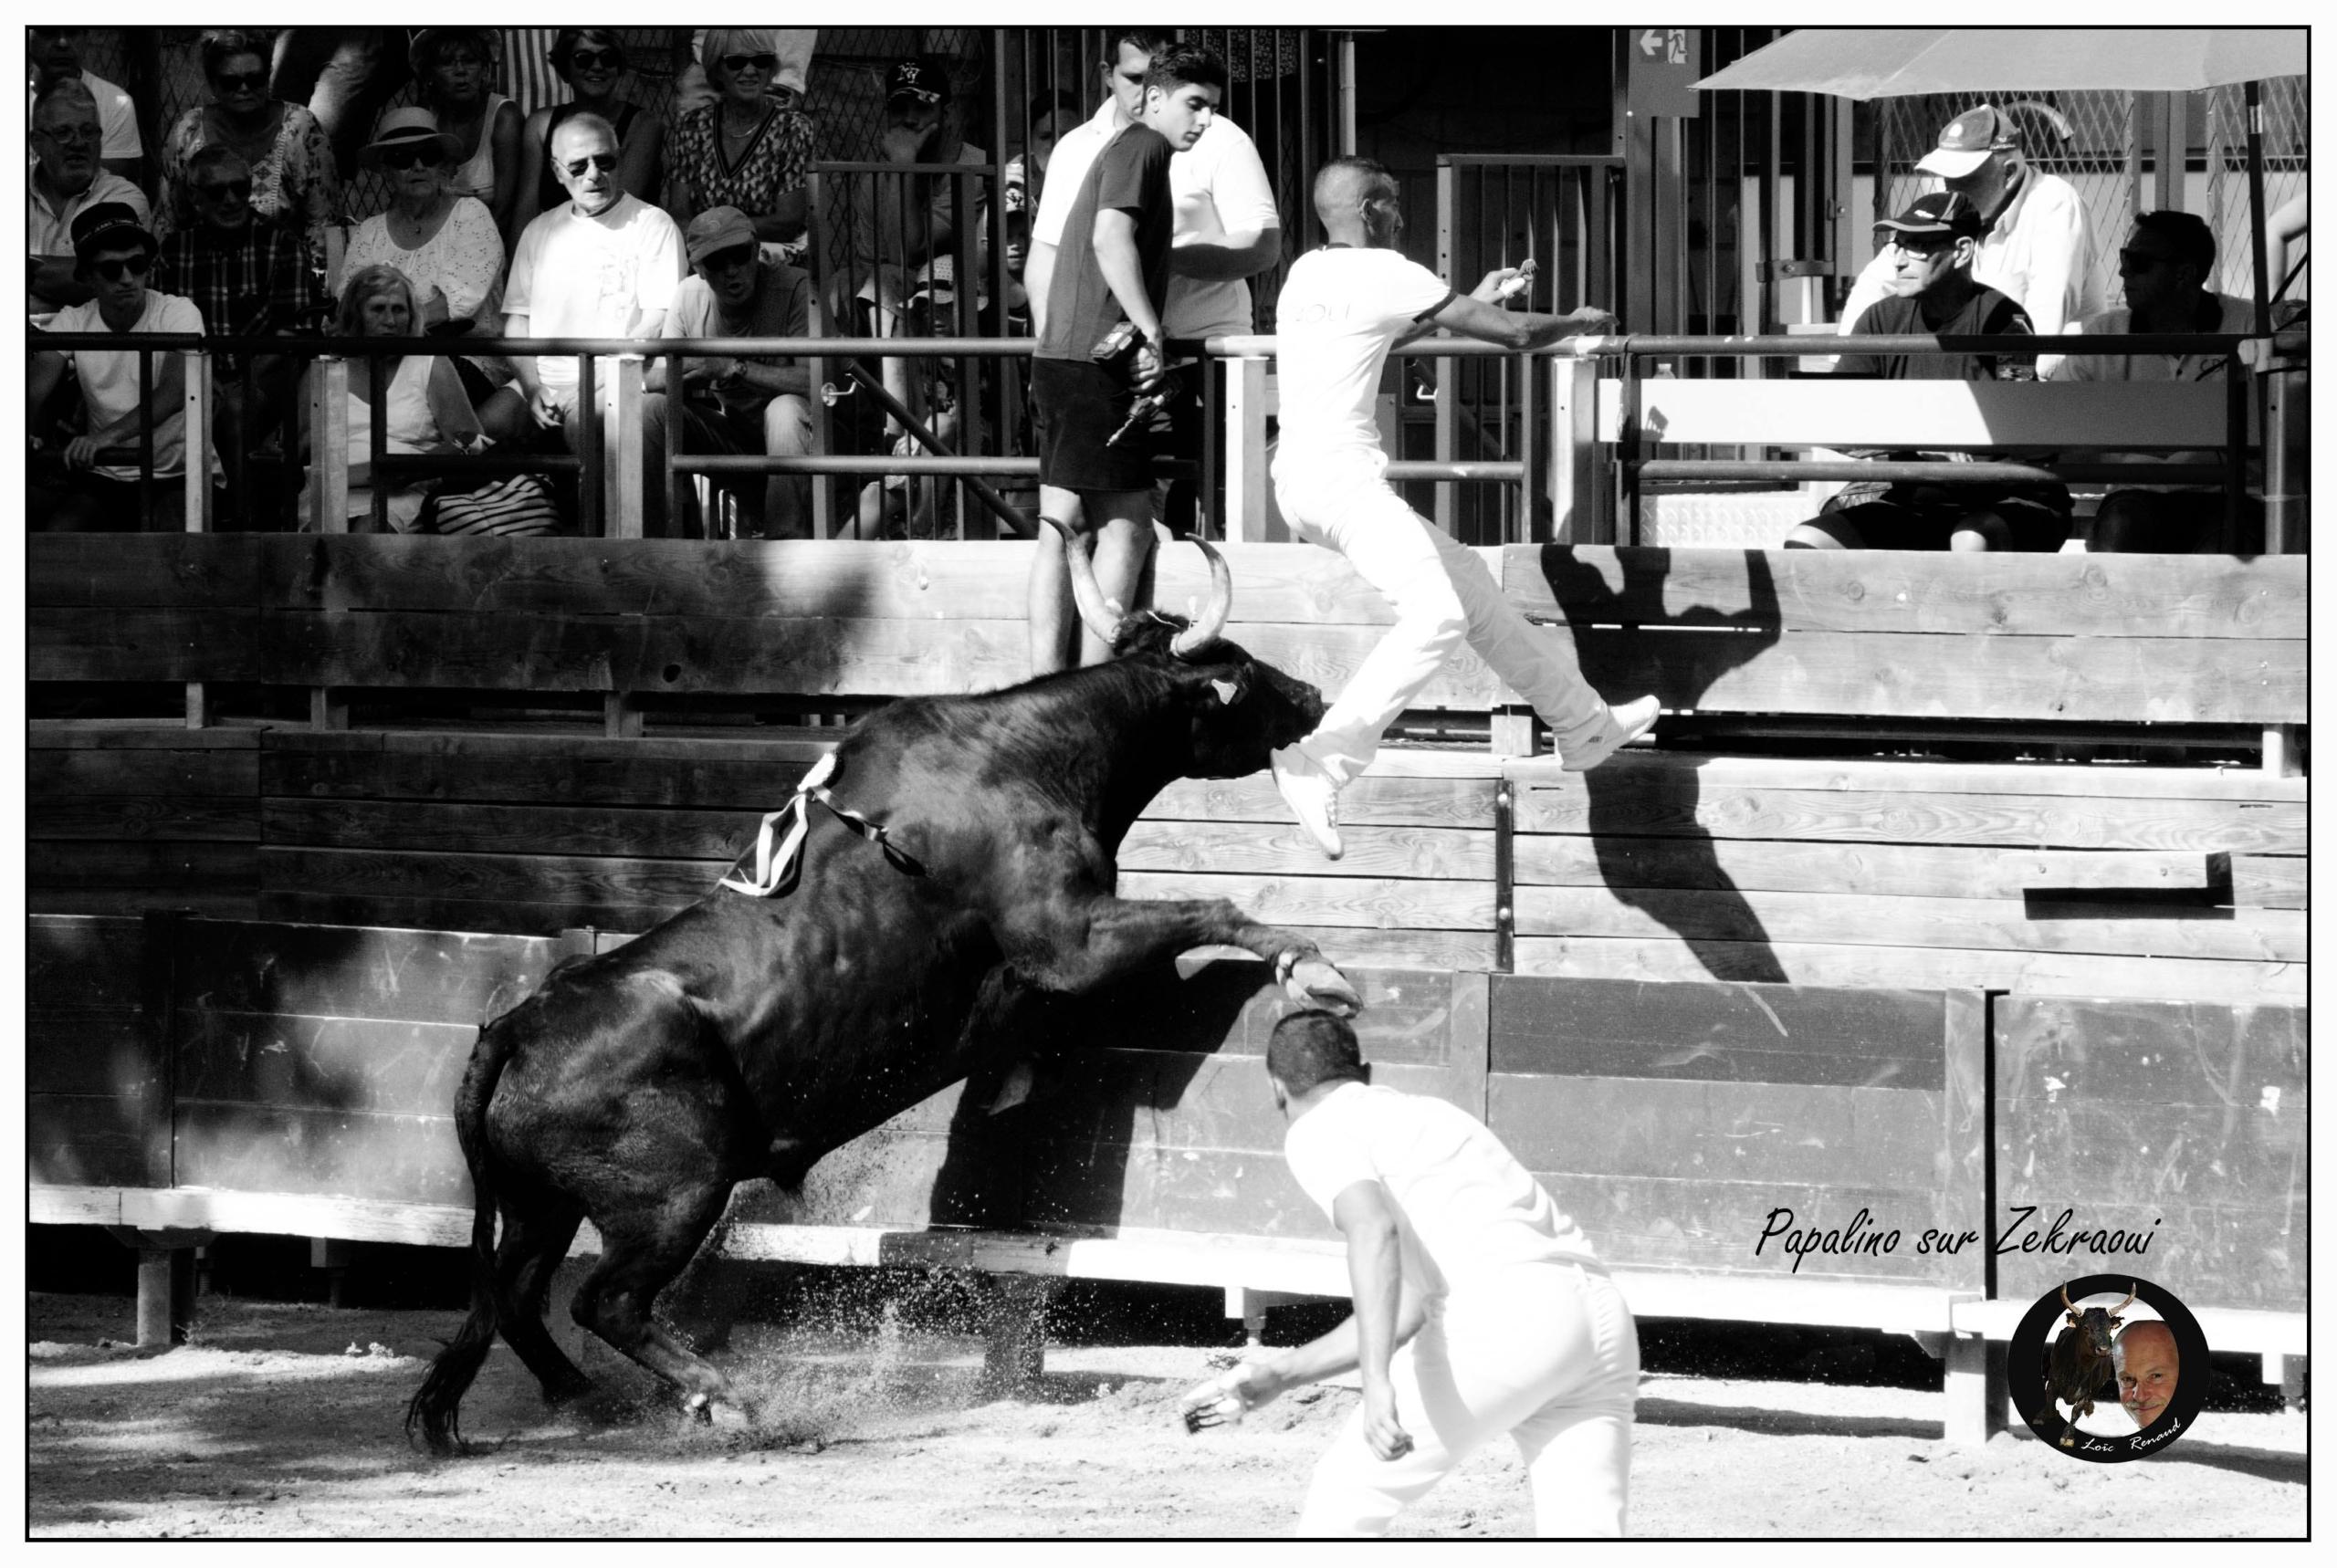 Papalino taureau cocardier manade Chaballier coup de barrière raseteur arènes tradition